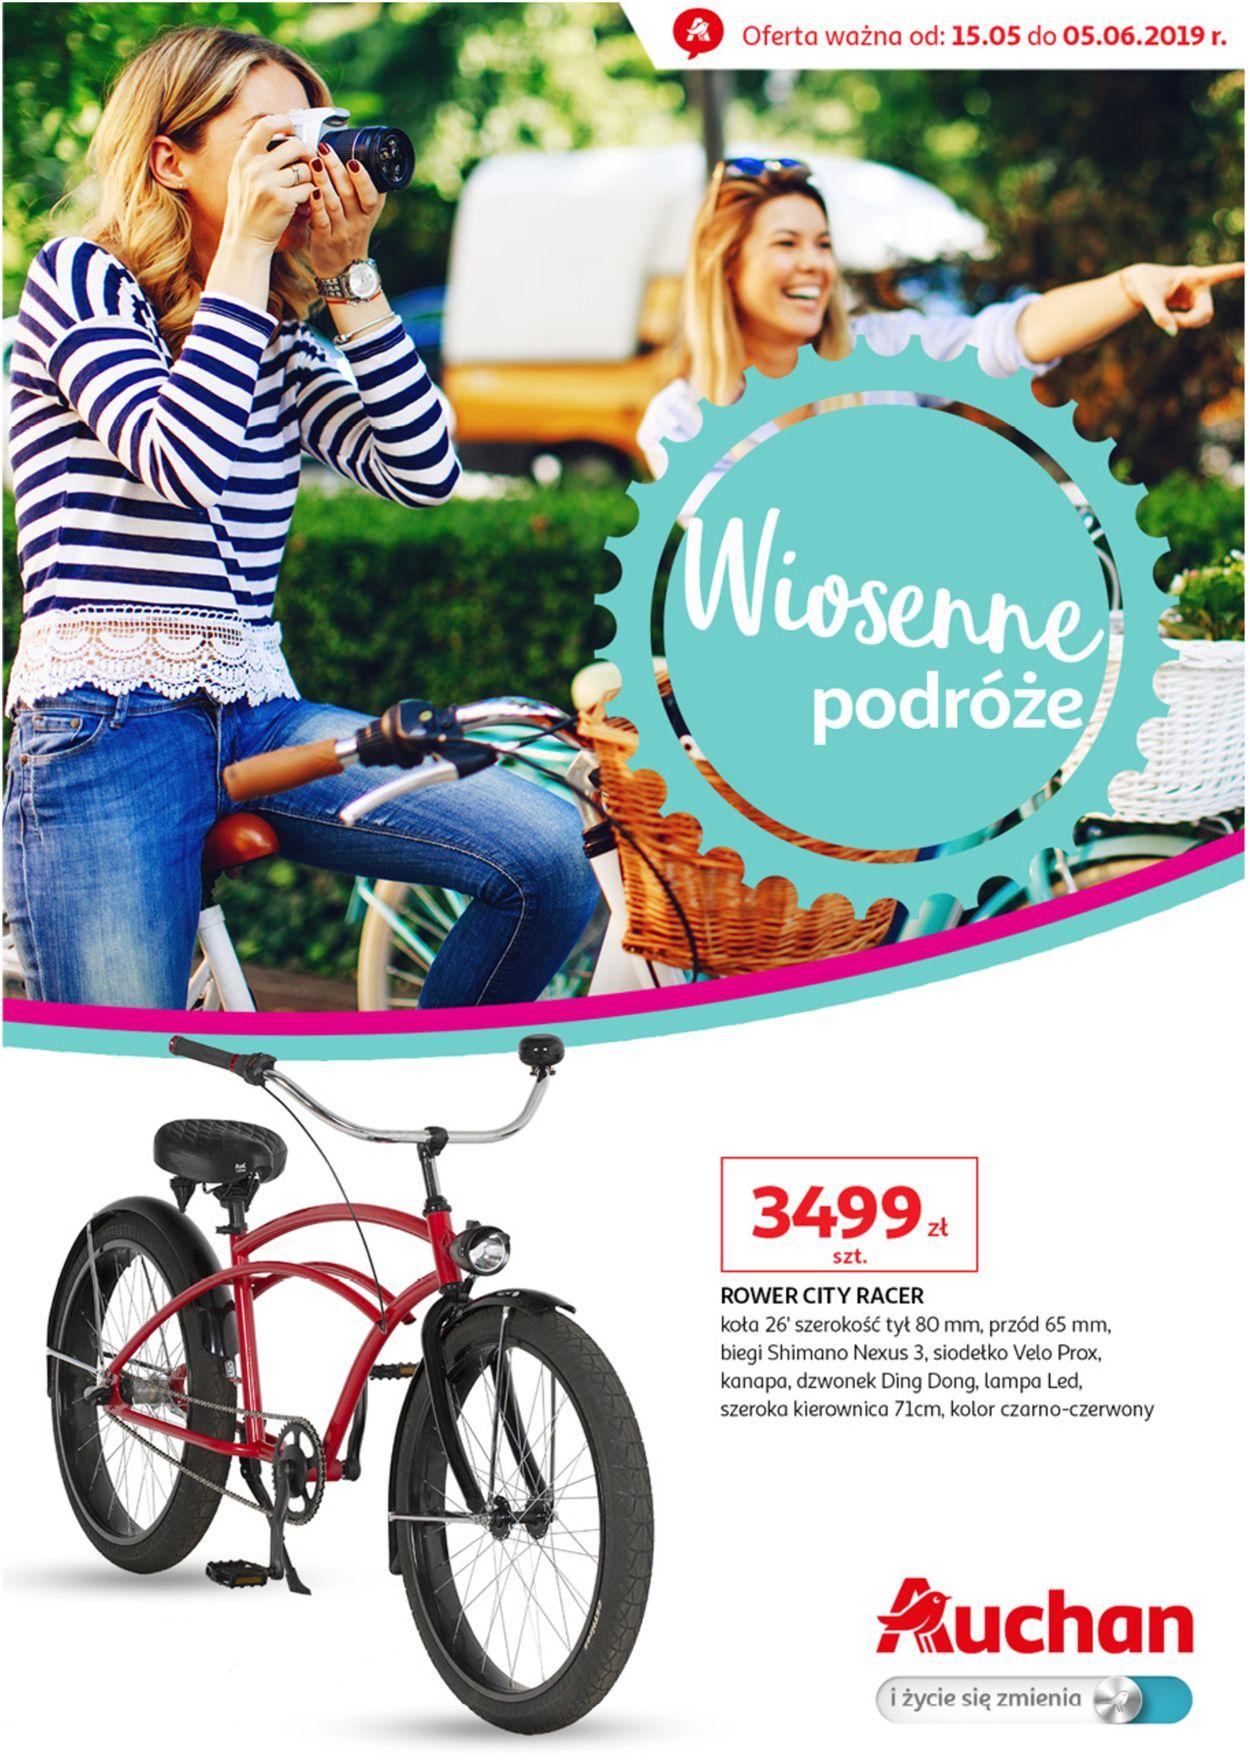 Gazetka promocyjna Auchan - 15.05-05.06.2019